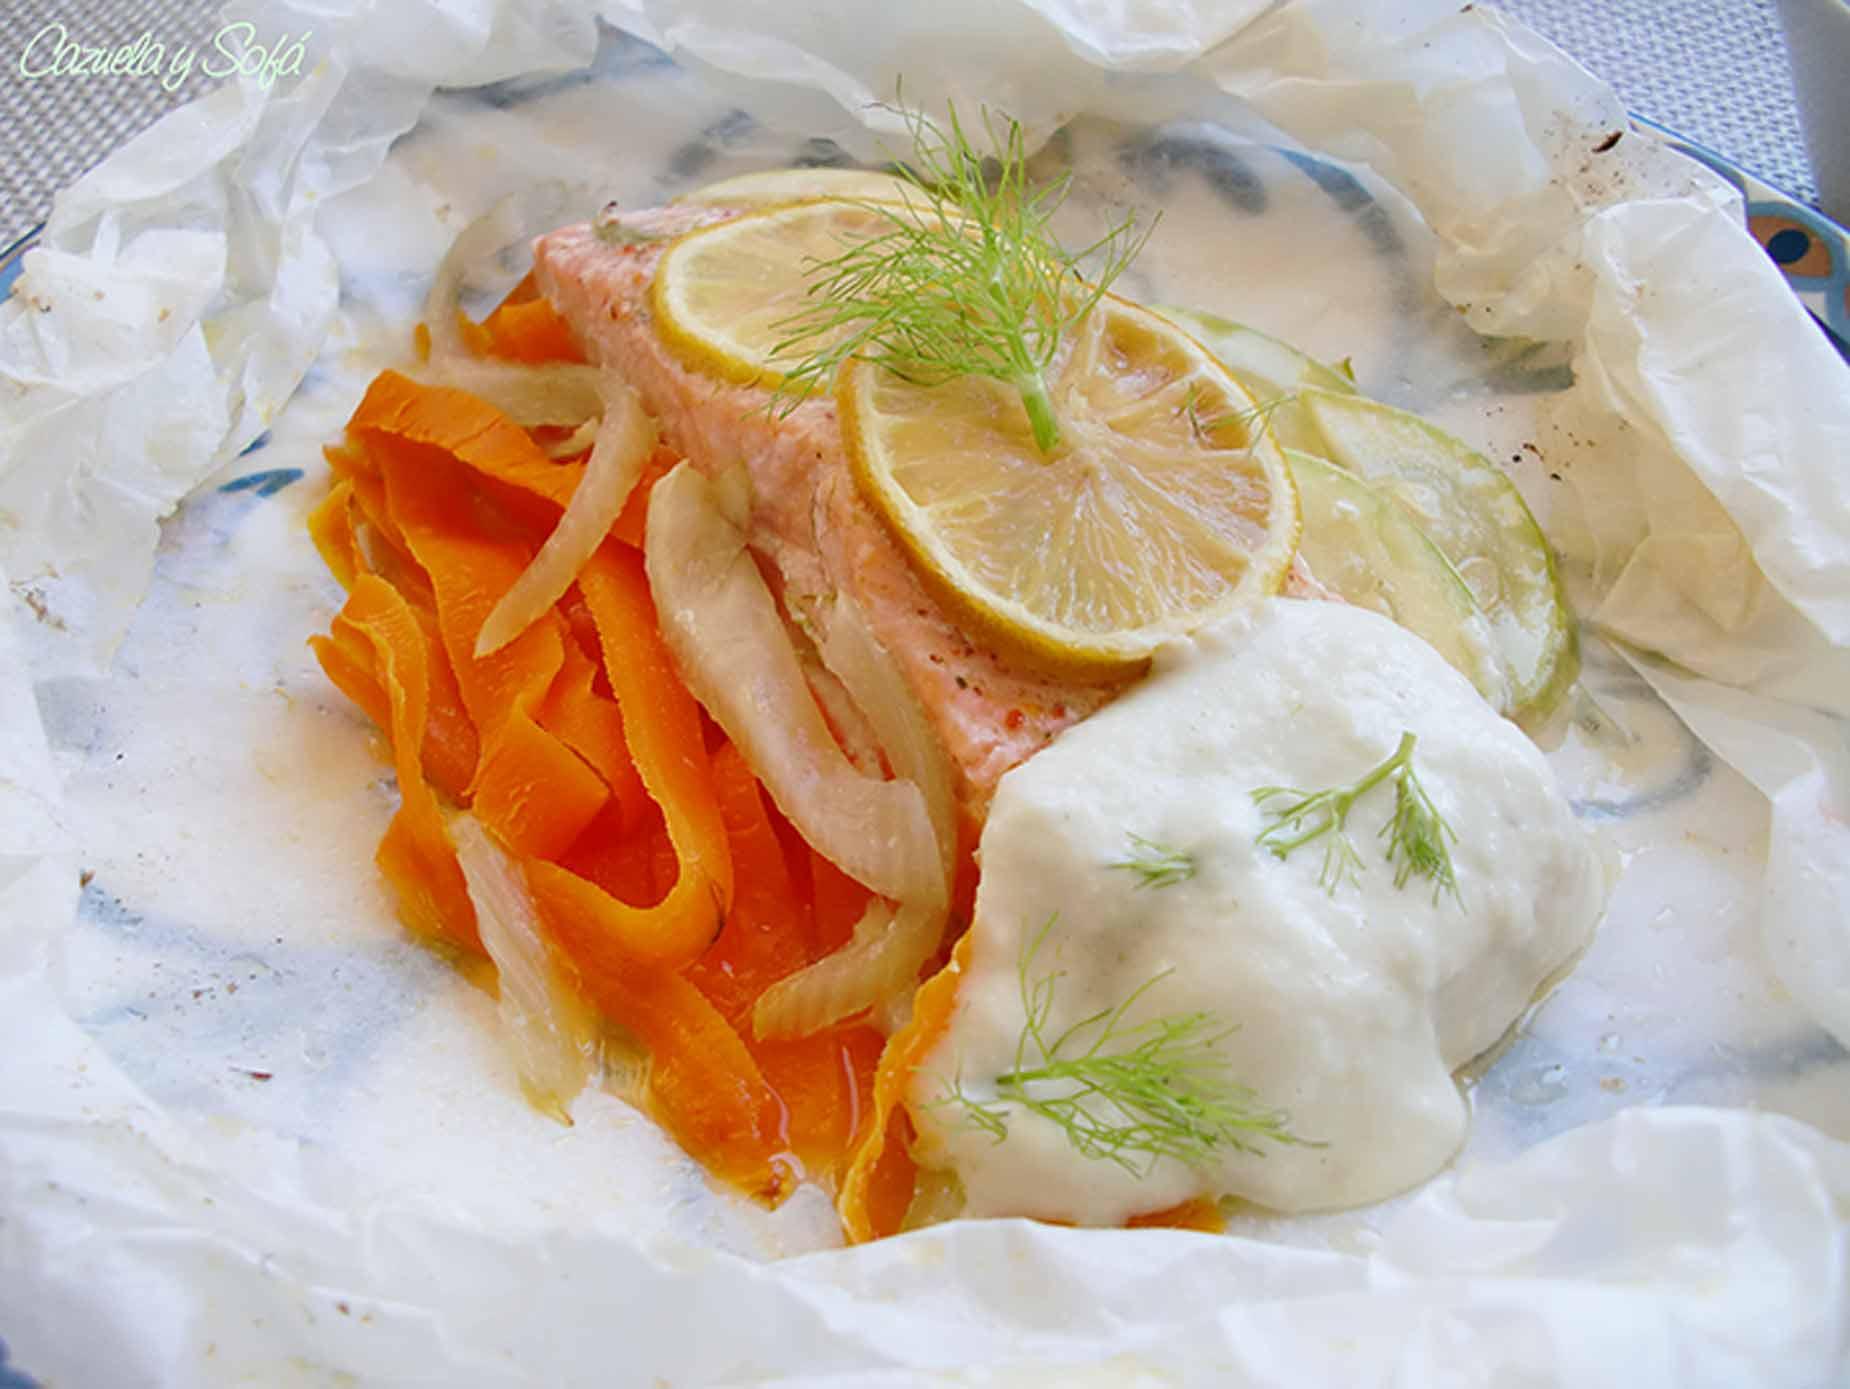 salmon-en-papillote-con-salsa-de-hinojo